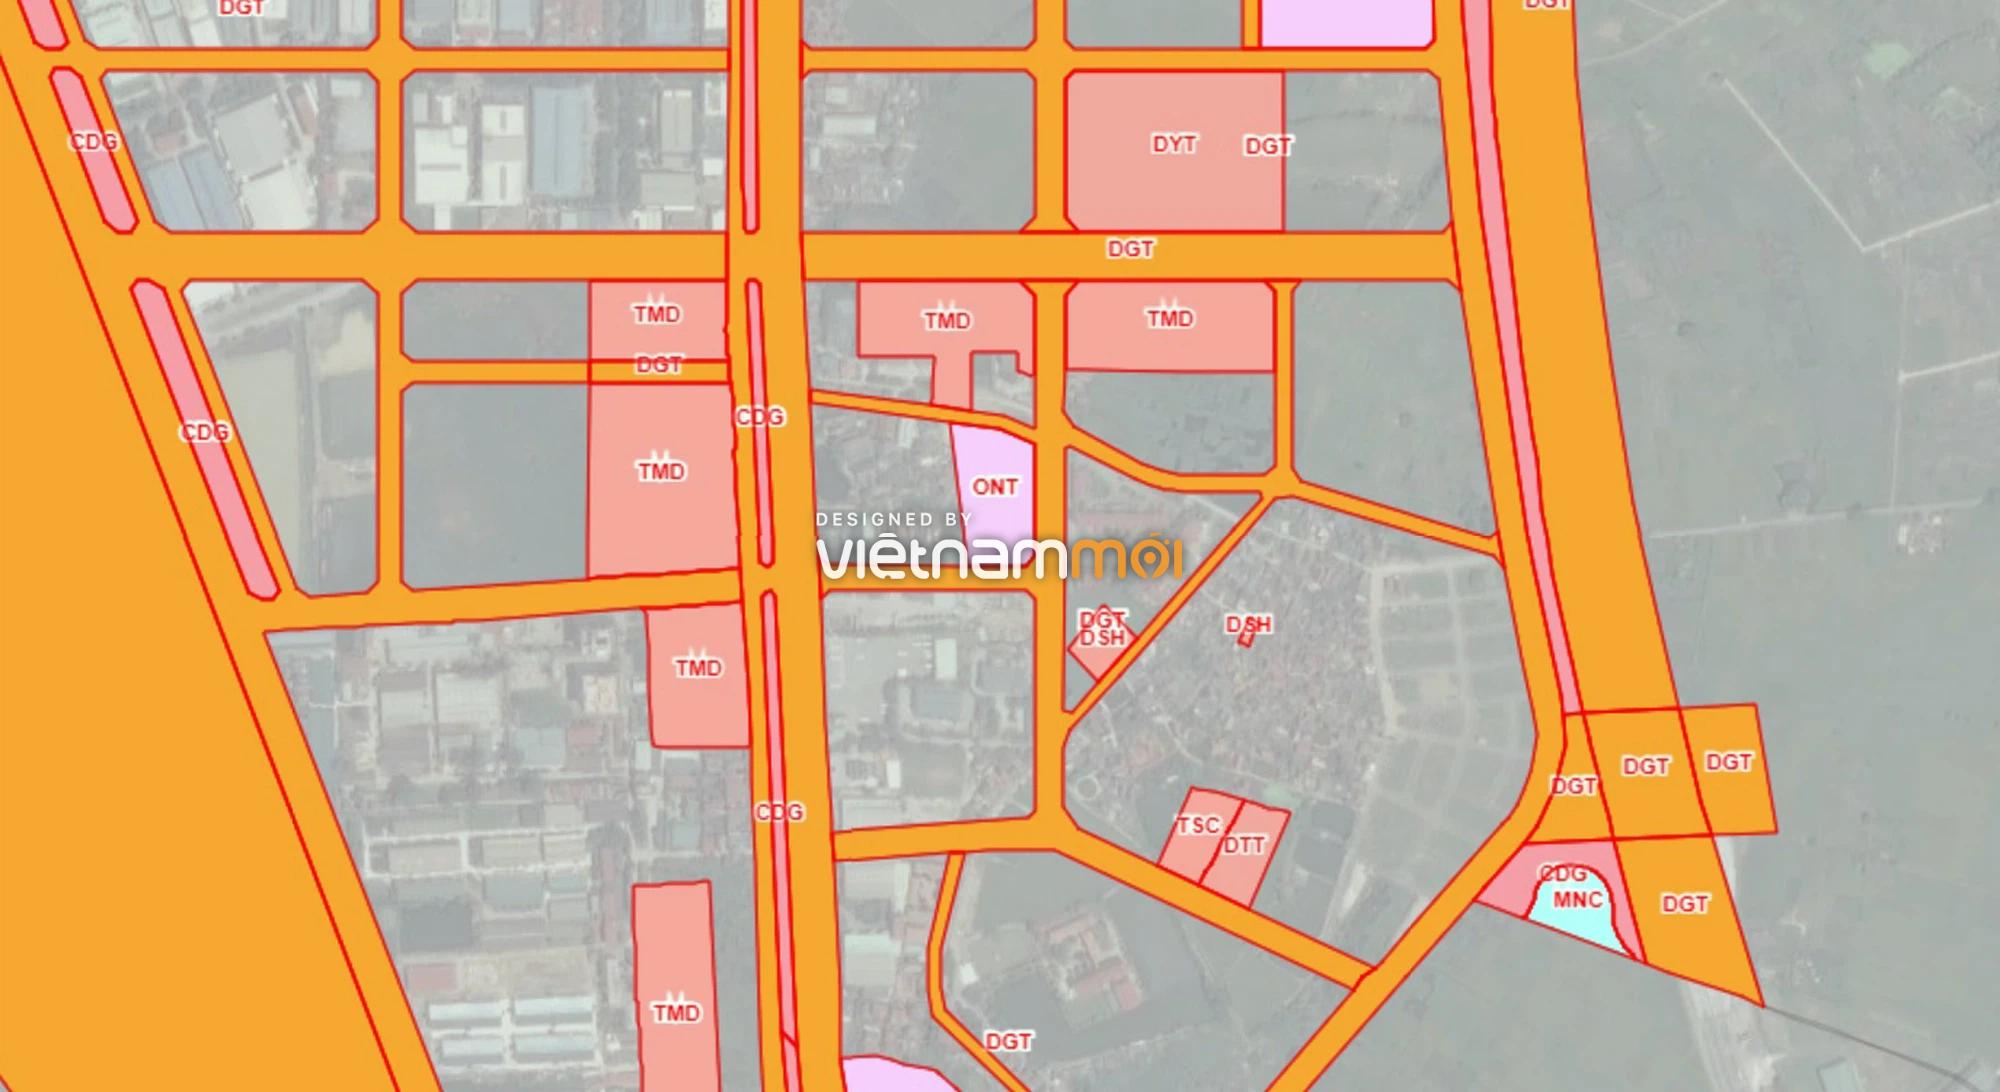 Những khu đất sắp thu hồi để mở đường ở xã Liên Ninh, Thanh Trì, Hà Nội (phần 1) - Ảnh 12.